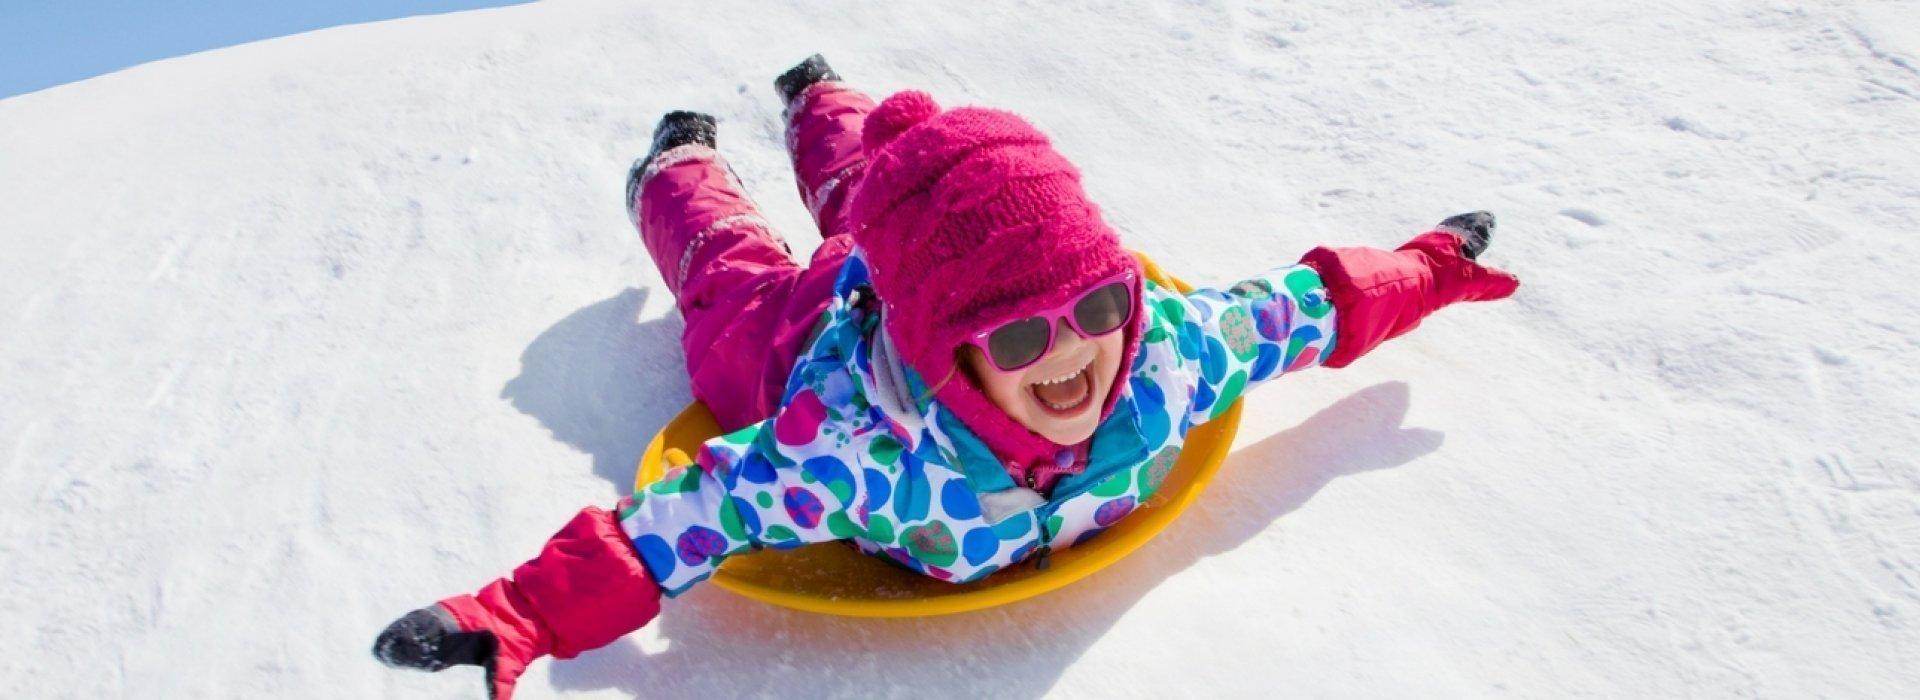 Ferie zimowe 2018 w Krynicy | Min. 3 doby RABAT